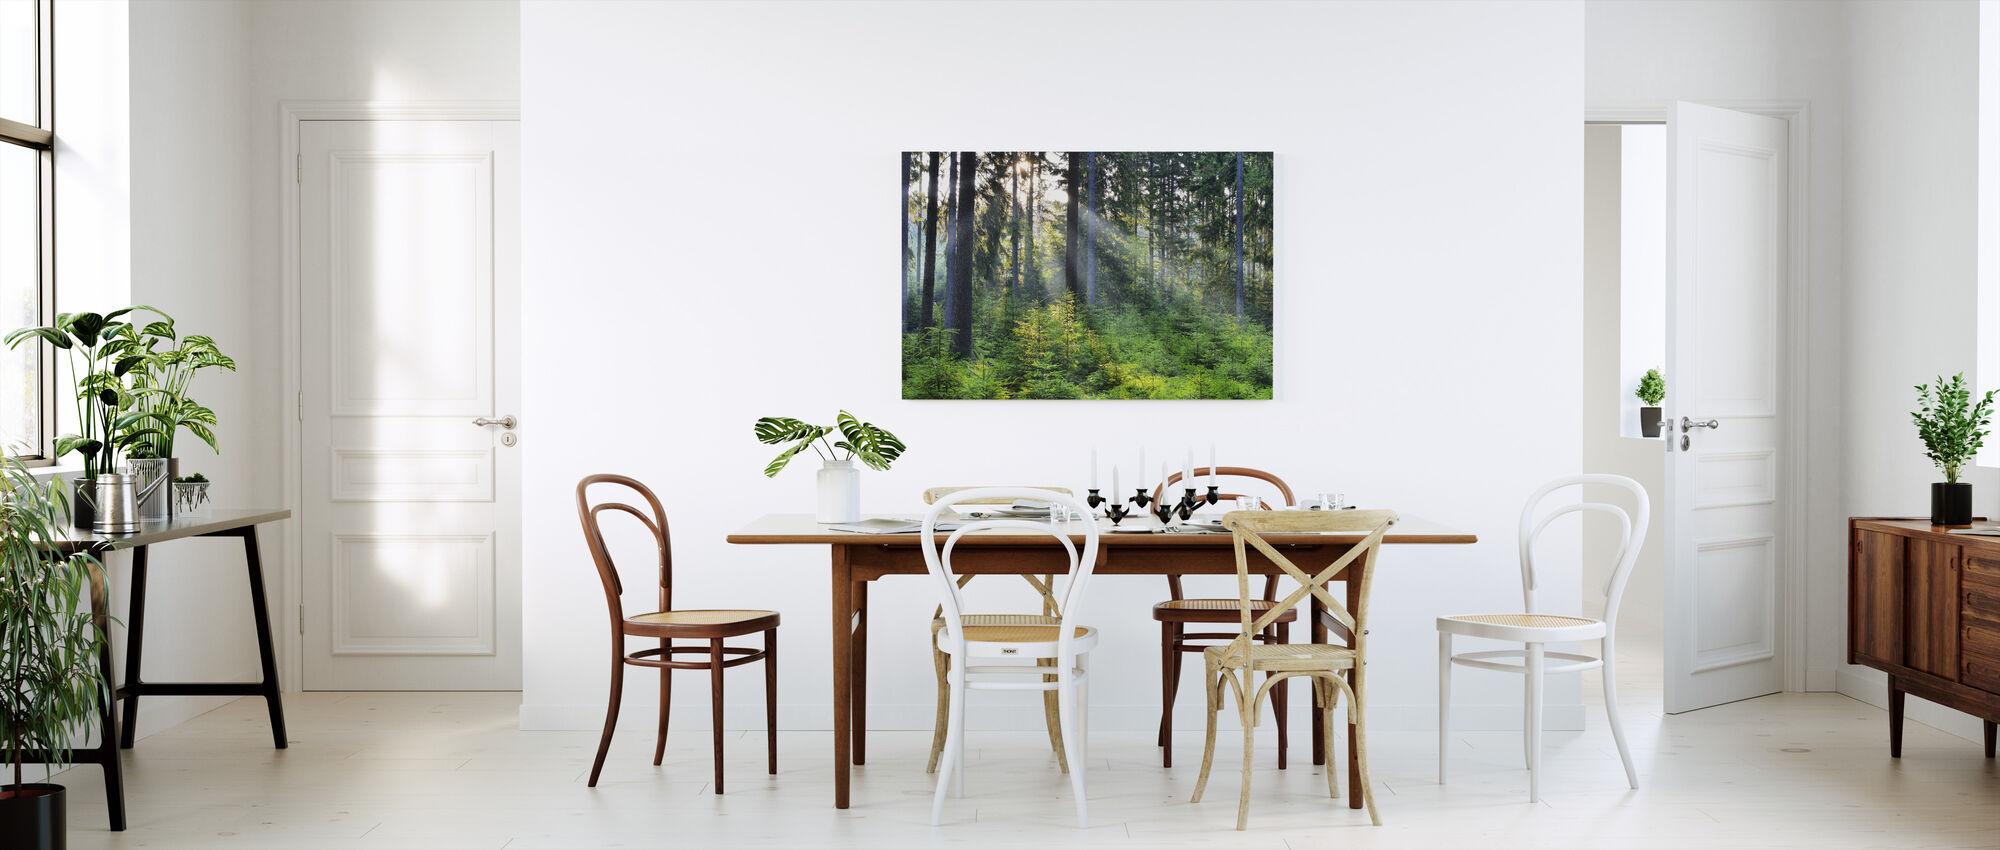 Skoguppvaknande - Canvastavla - Kök